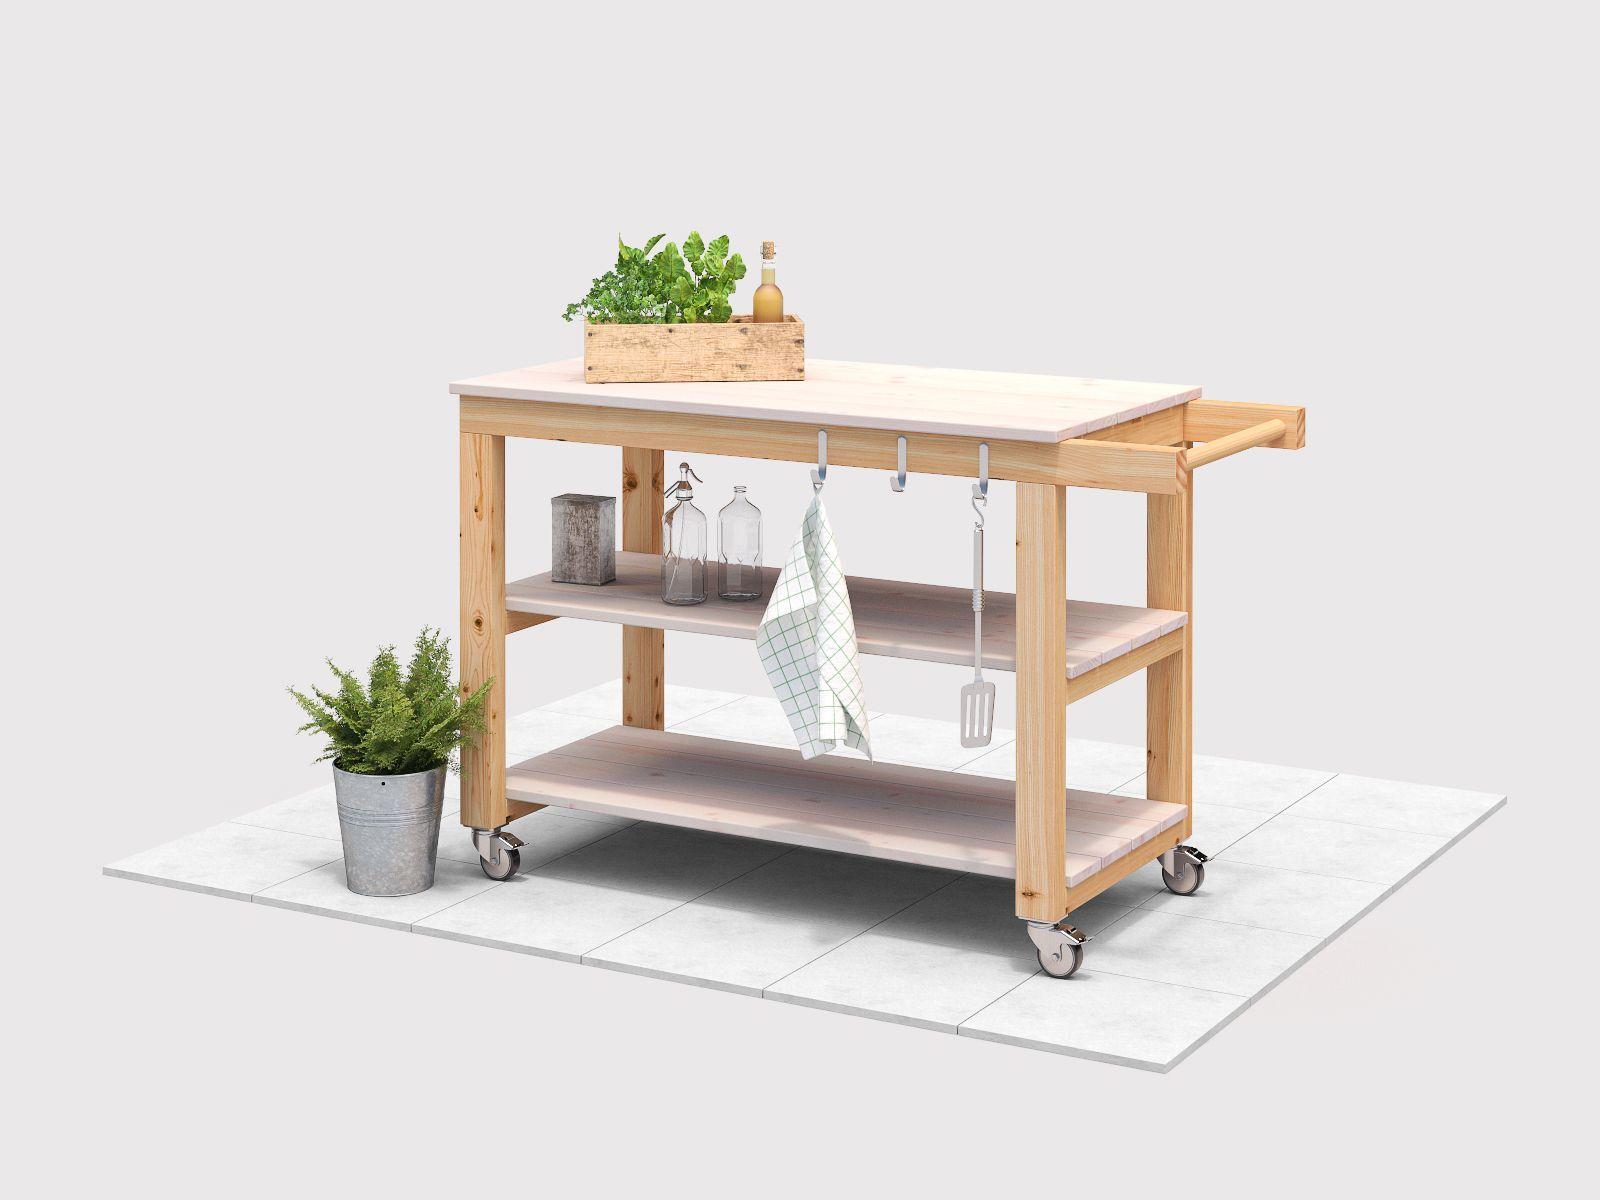 Außenküche Selber Bauen Obi : Gartenküche selber bauen gartenküche aus stein selber bauen